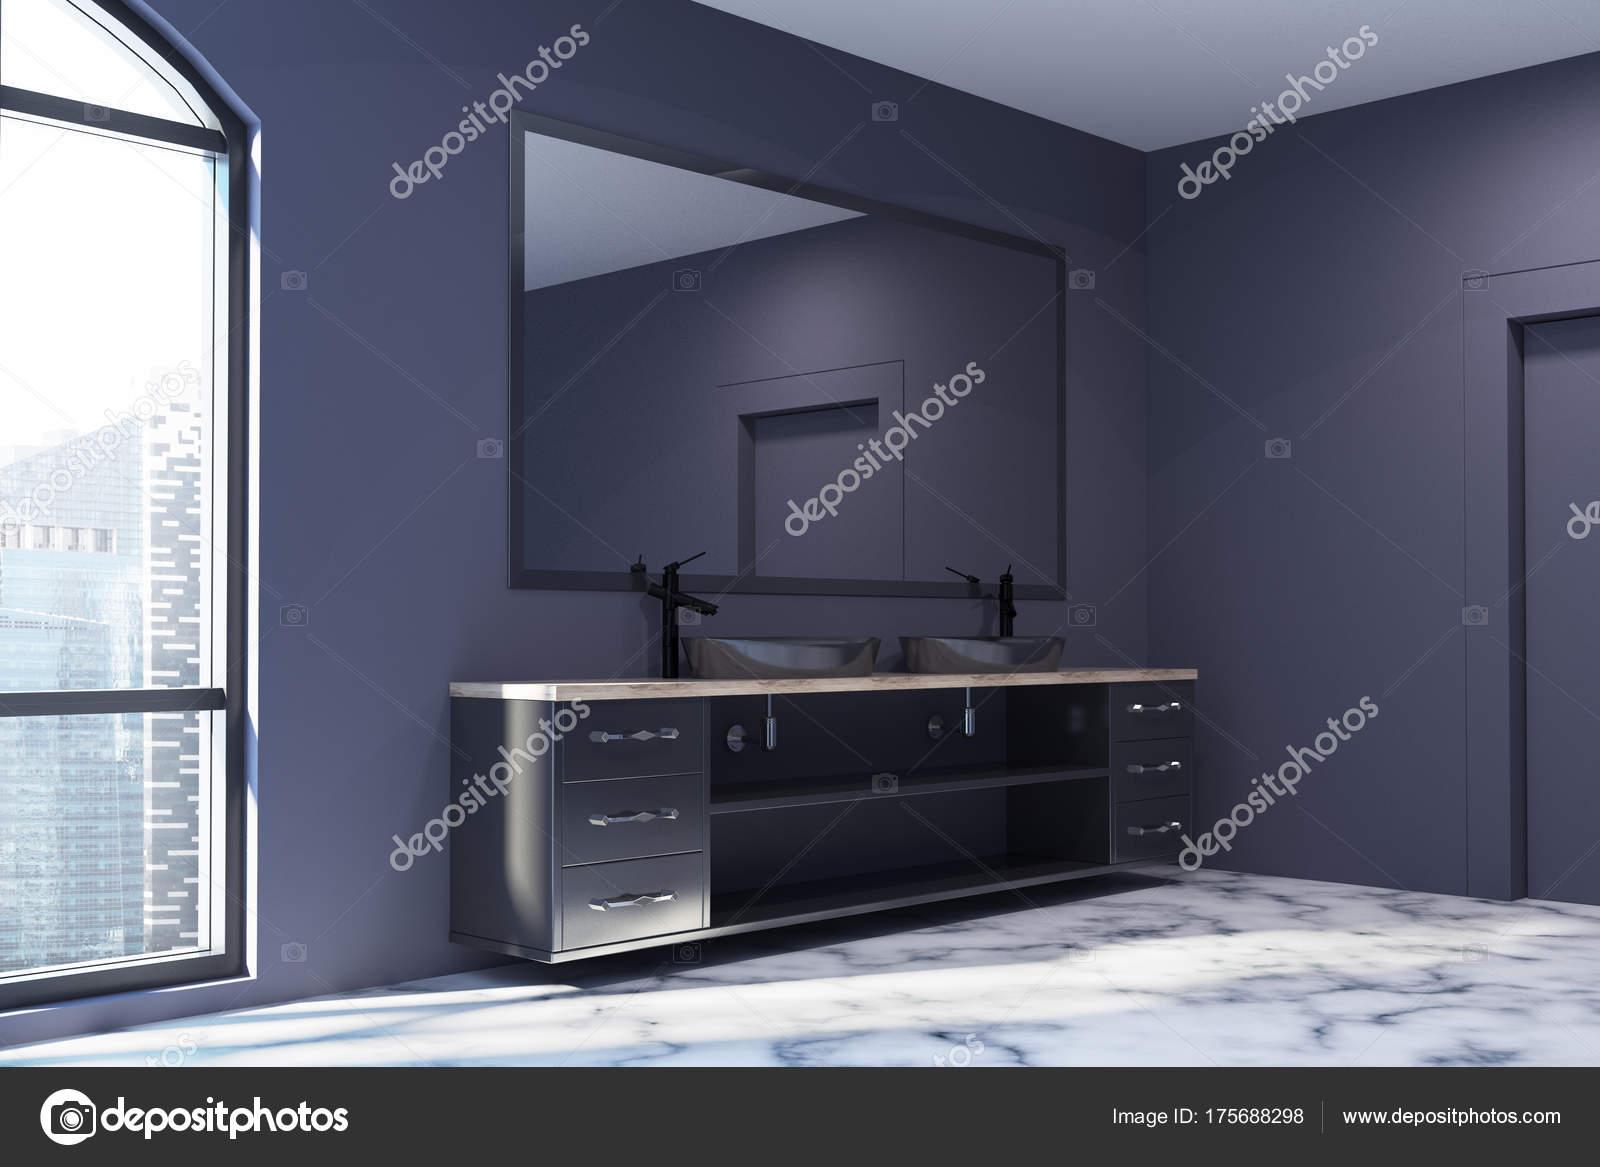 Marmeren Badkamer Vloer : Zwarte badkamer hoek witte marmeren vloer zinken u2014 stockfoto